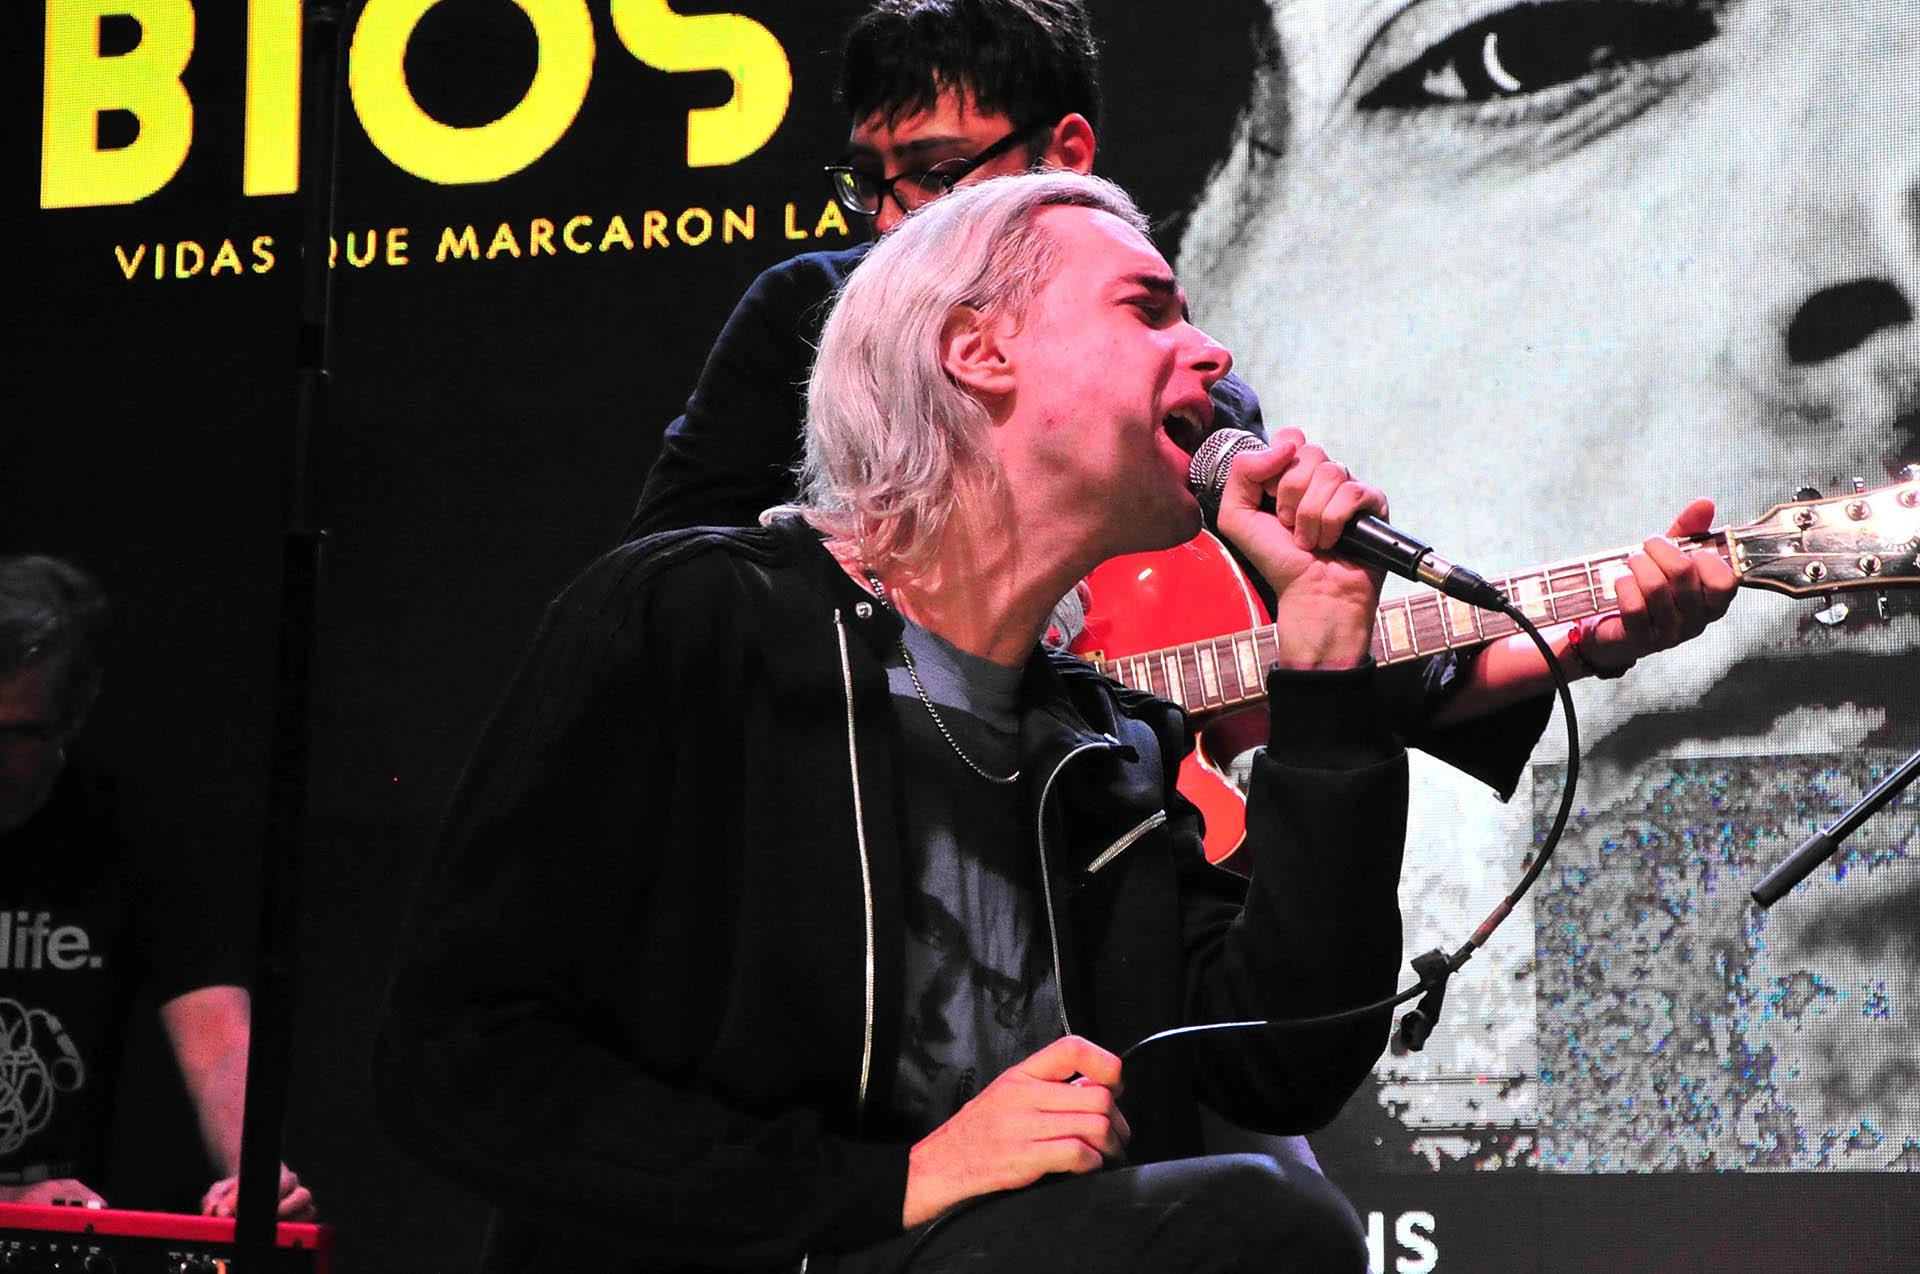 """El ex líder de Soda Stereo es uno de los artistas retratados en """"BIOS. Vidas que marcaron la tuya"""" que se emitirá en toda América Latina"""